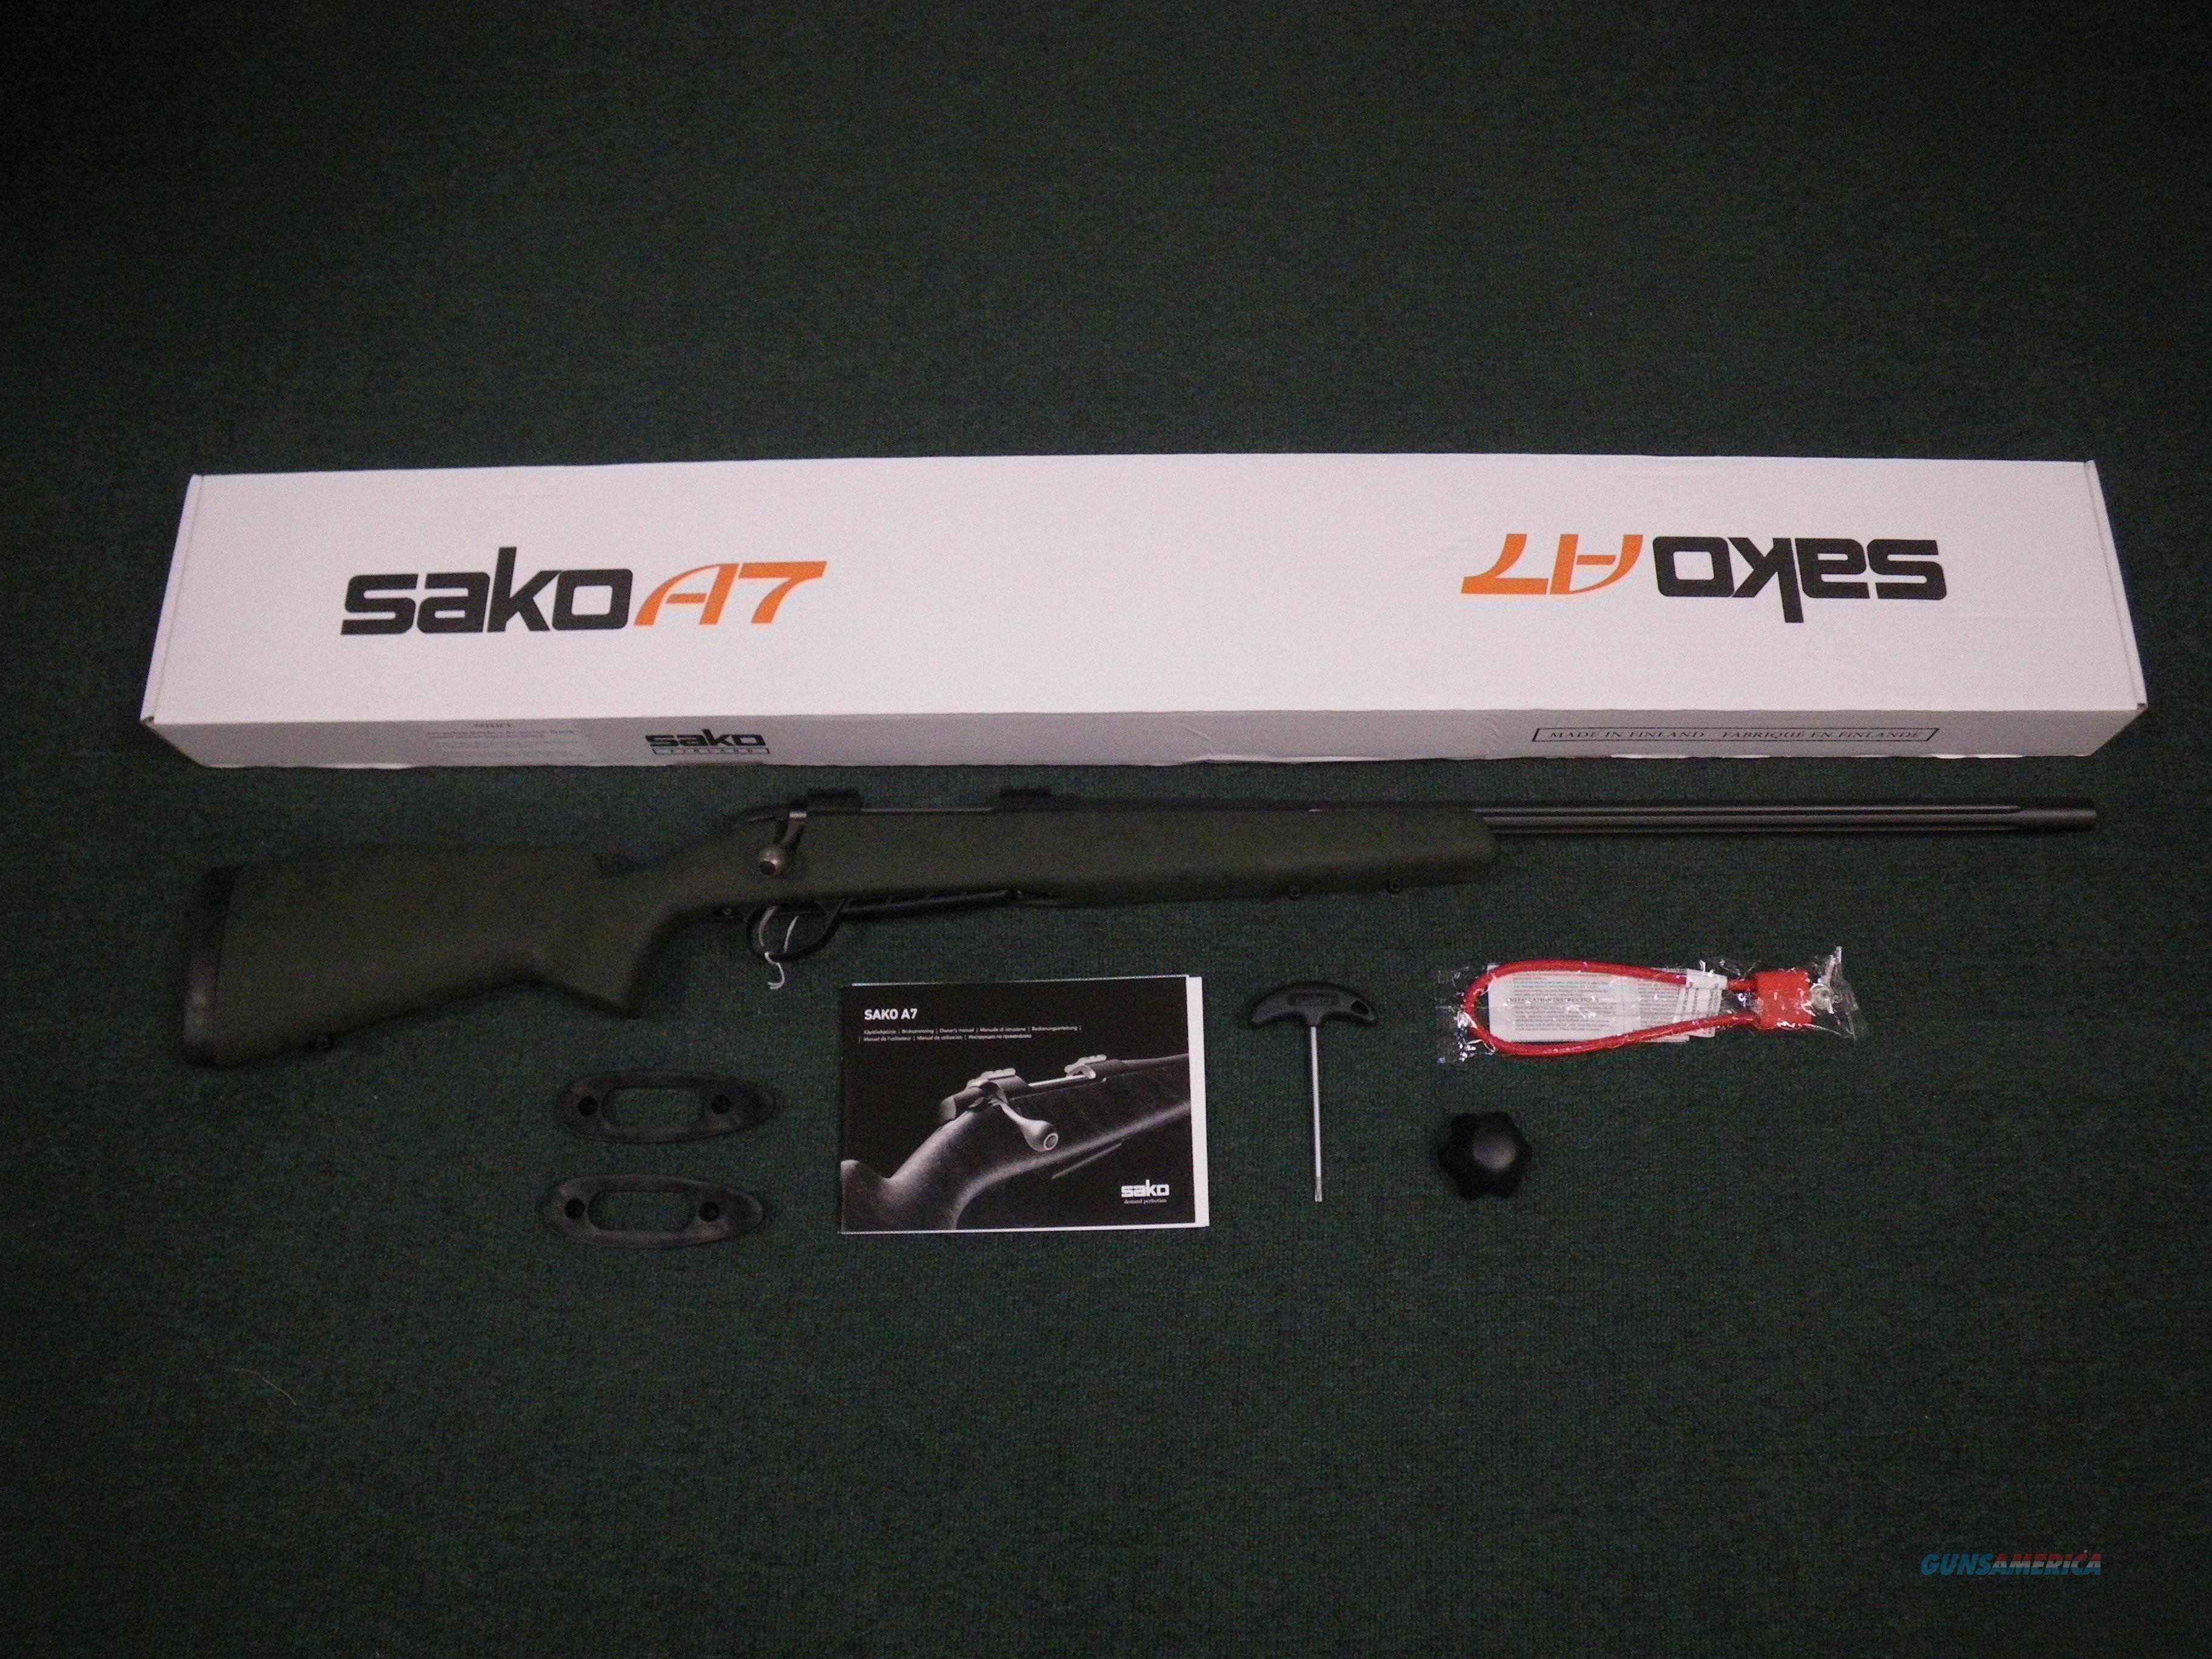 """Sako A7 Roughtech Range 7mm Rem Mag 26"""" Fluted NEW #JRMLR70F  Guns > Rifles > Sako Rifles > A7 Series"""